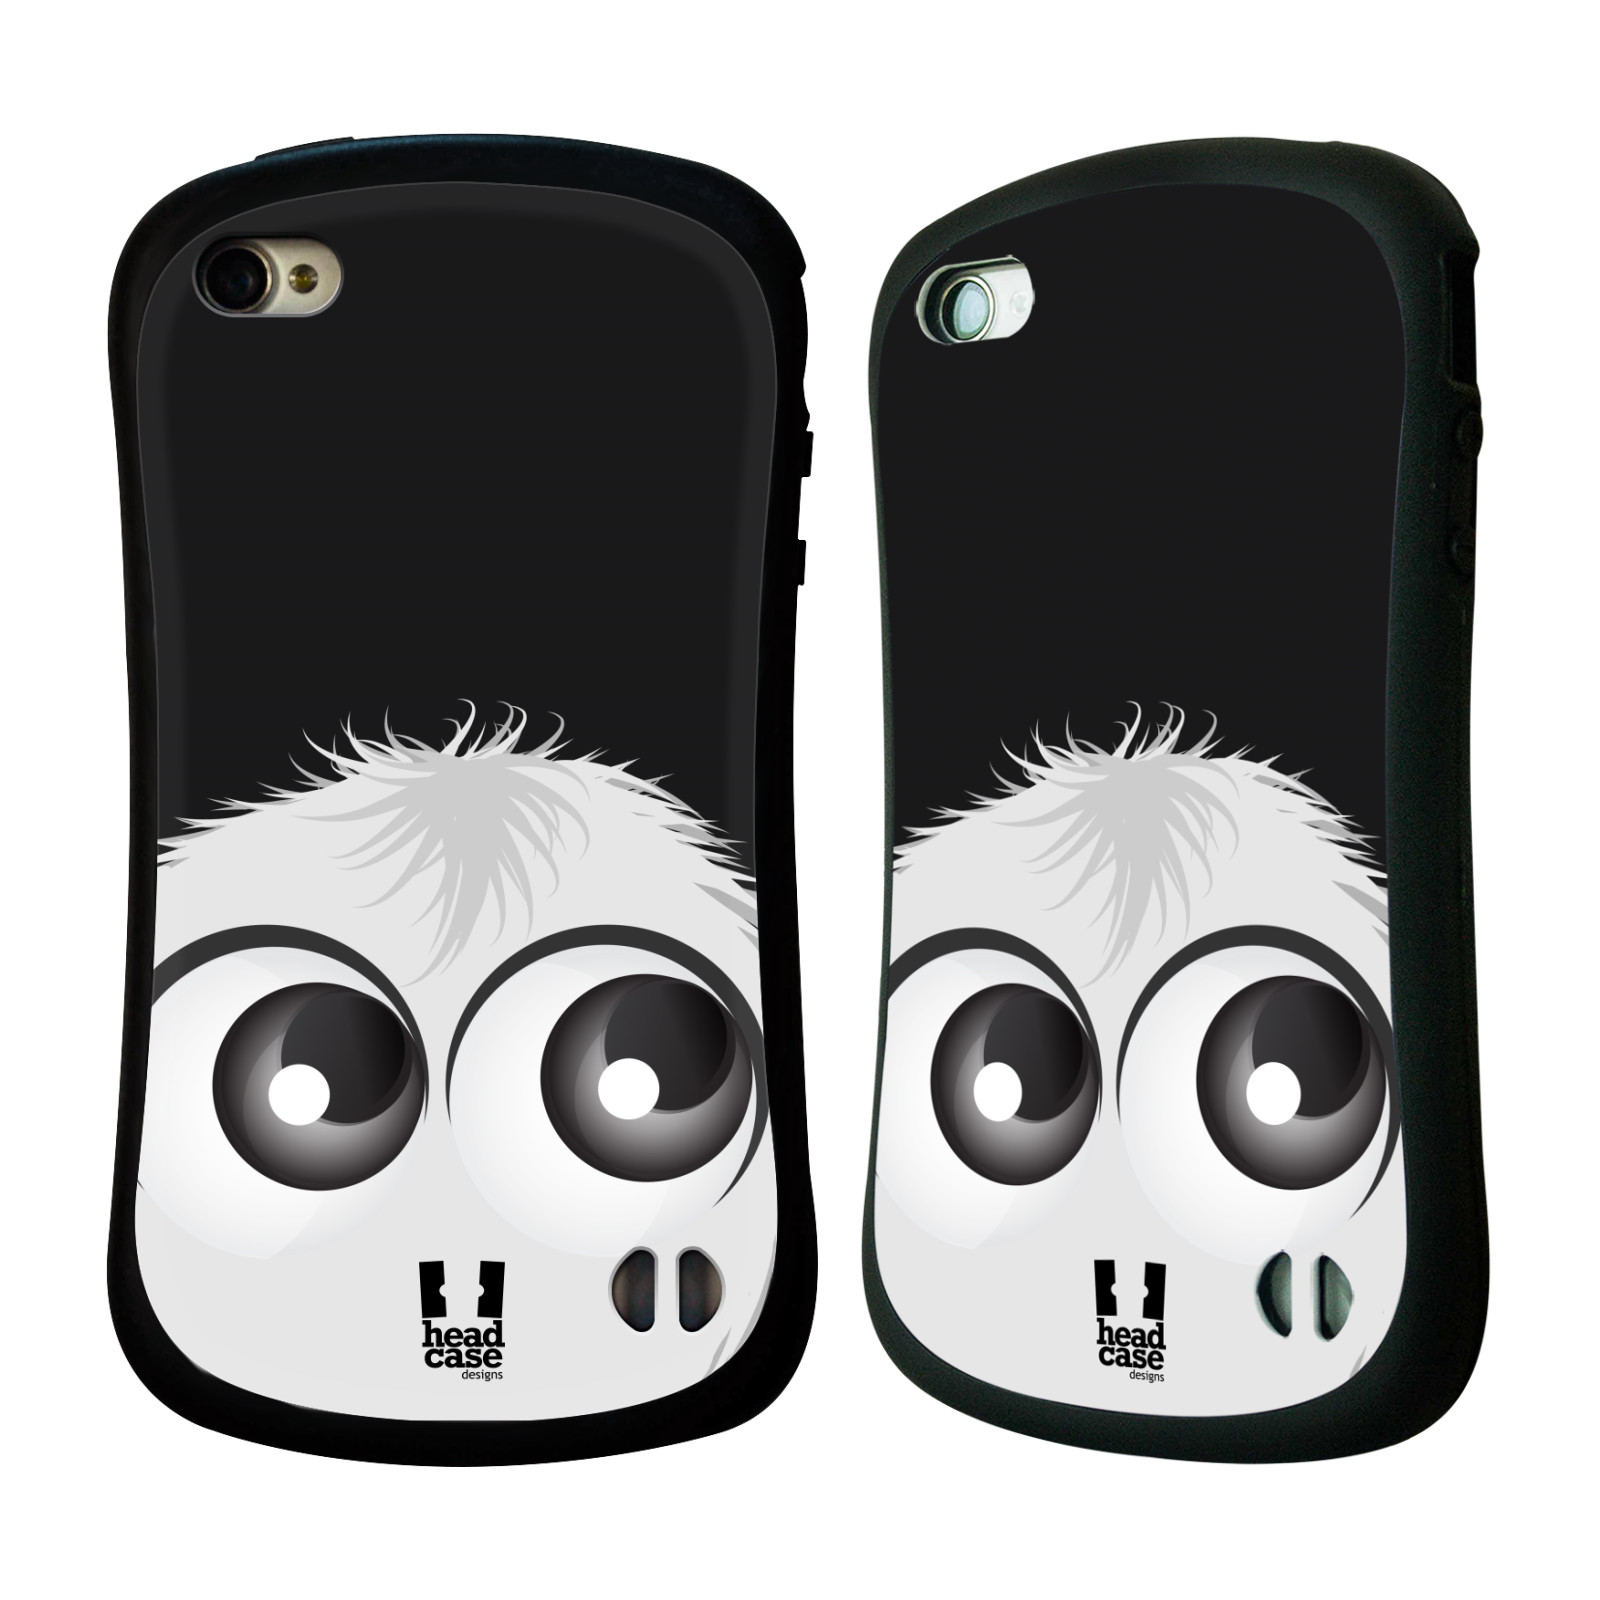 Nárazuvzdorné pouzdro na mobil Apple iPhone 4 a 4S HEAD CASE FUZÍK BÍLÝ (Odolný nárazuvzdorný silikonový kryt či obal na mobilní telefon Apple iPhone 4 a 4S)